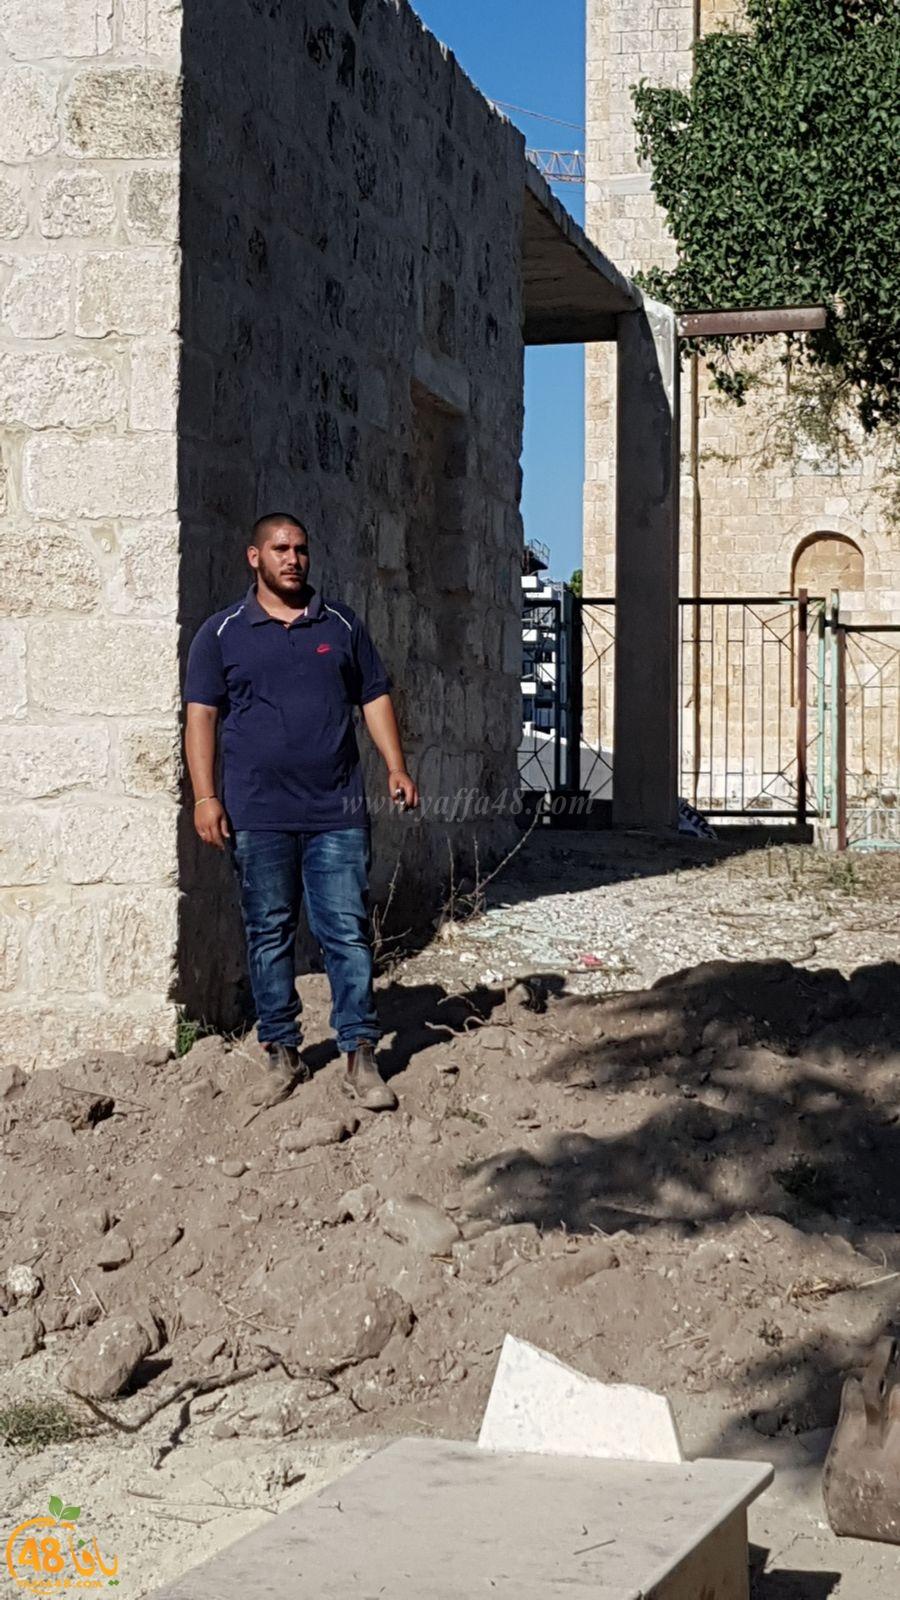 بالصور: شباب آل أبو صويص وآل الشمالي في حملة لتنظيف مقبرة النبي صالح بالرملة